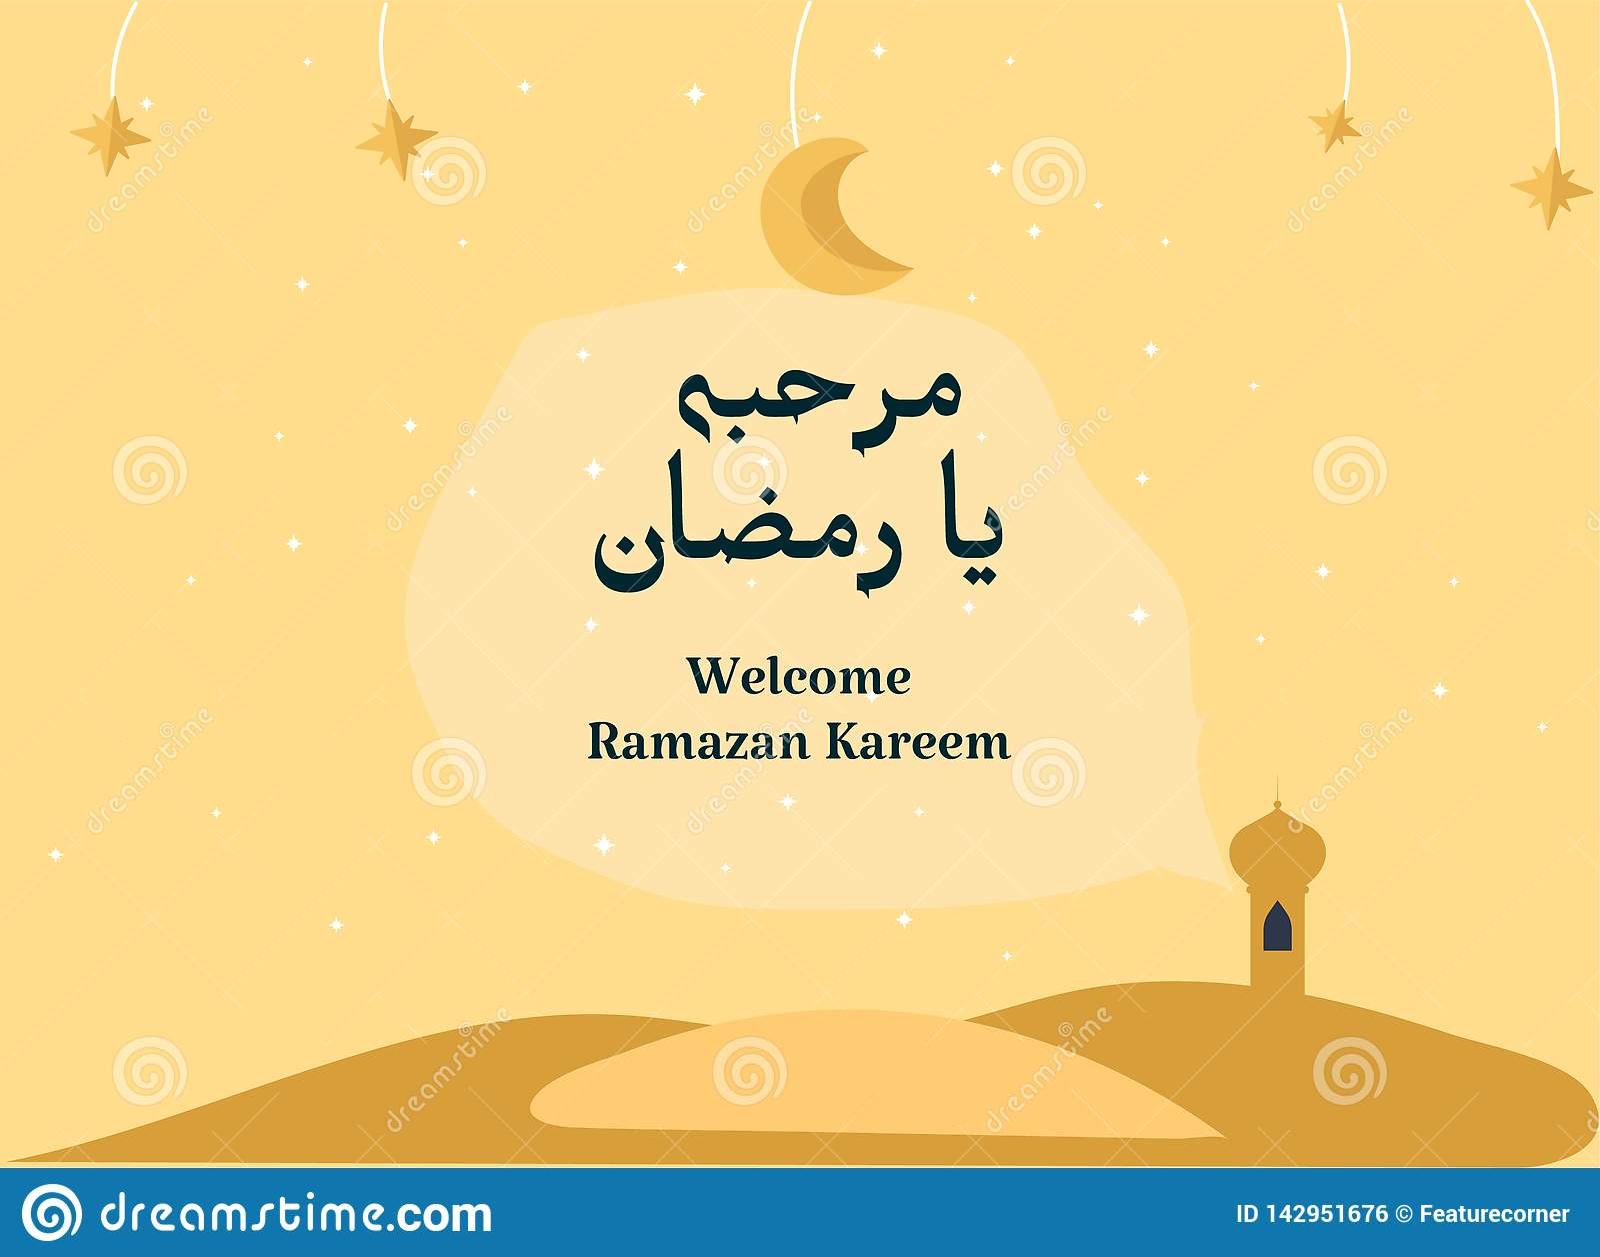 Ramazan Karem Greeting Card